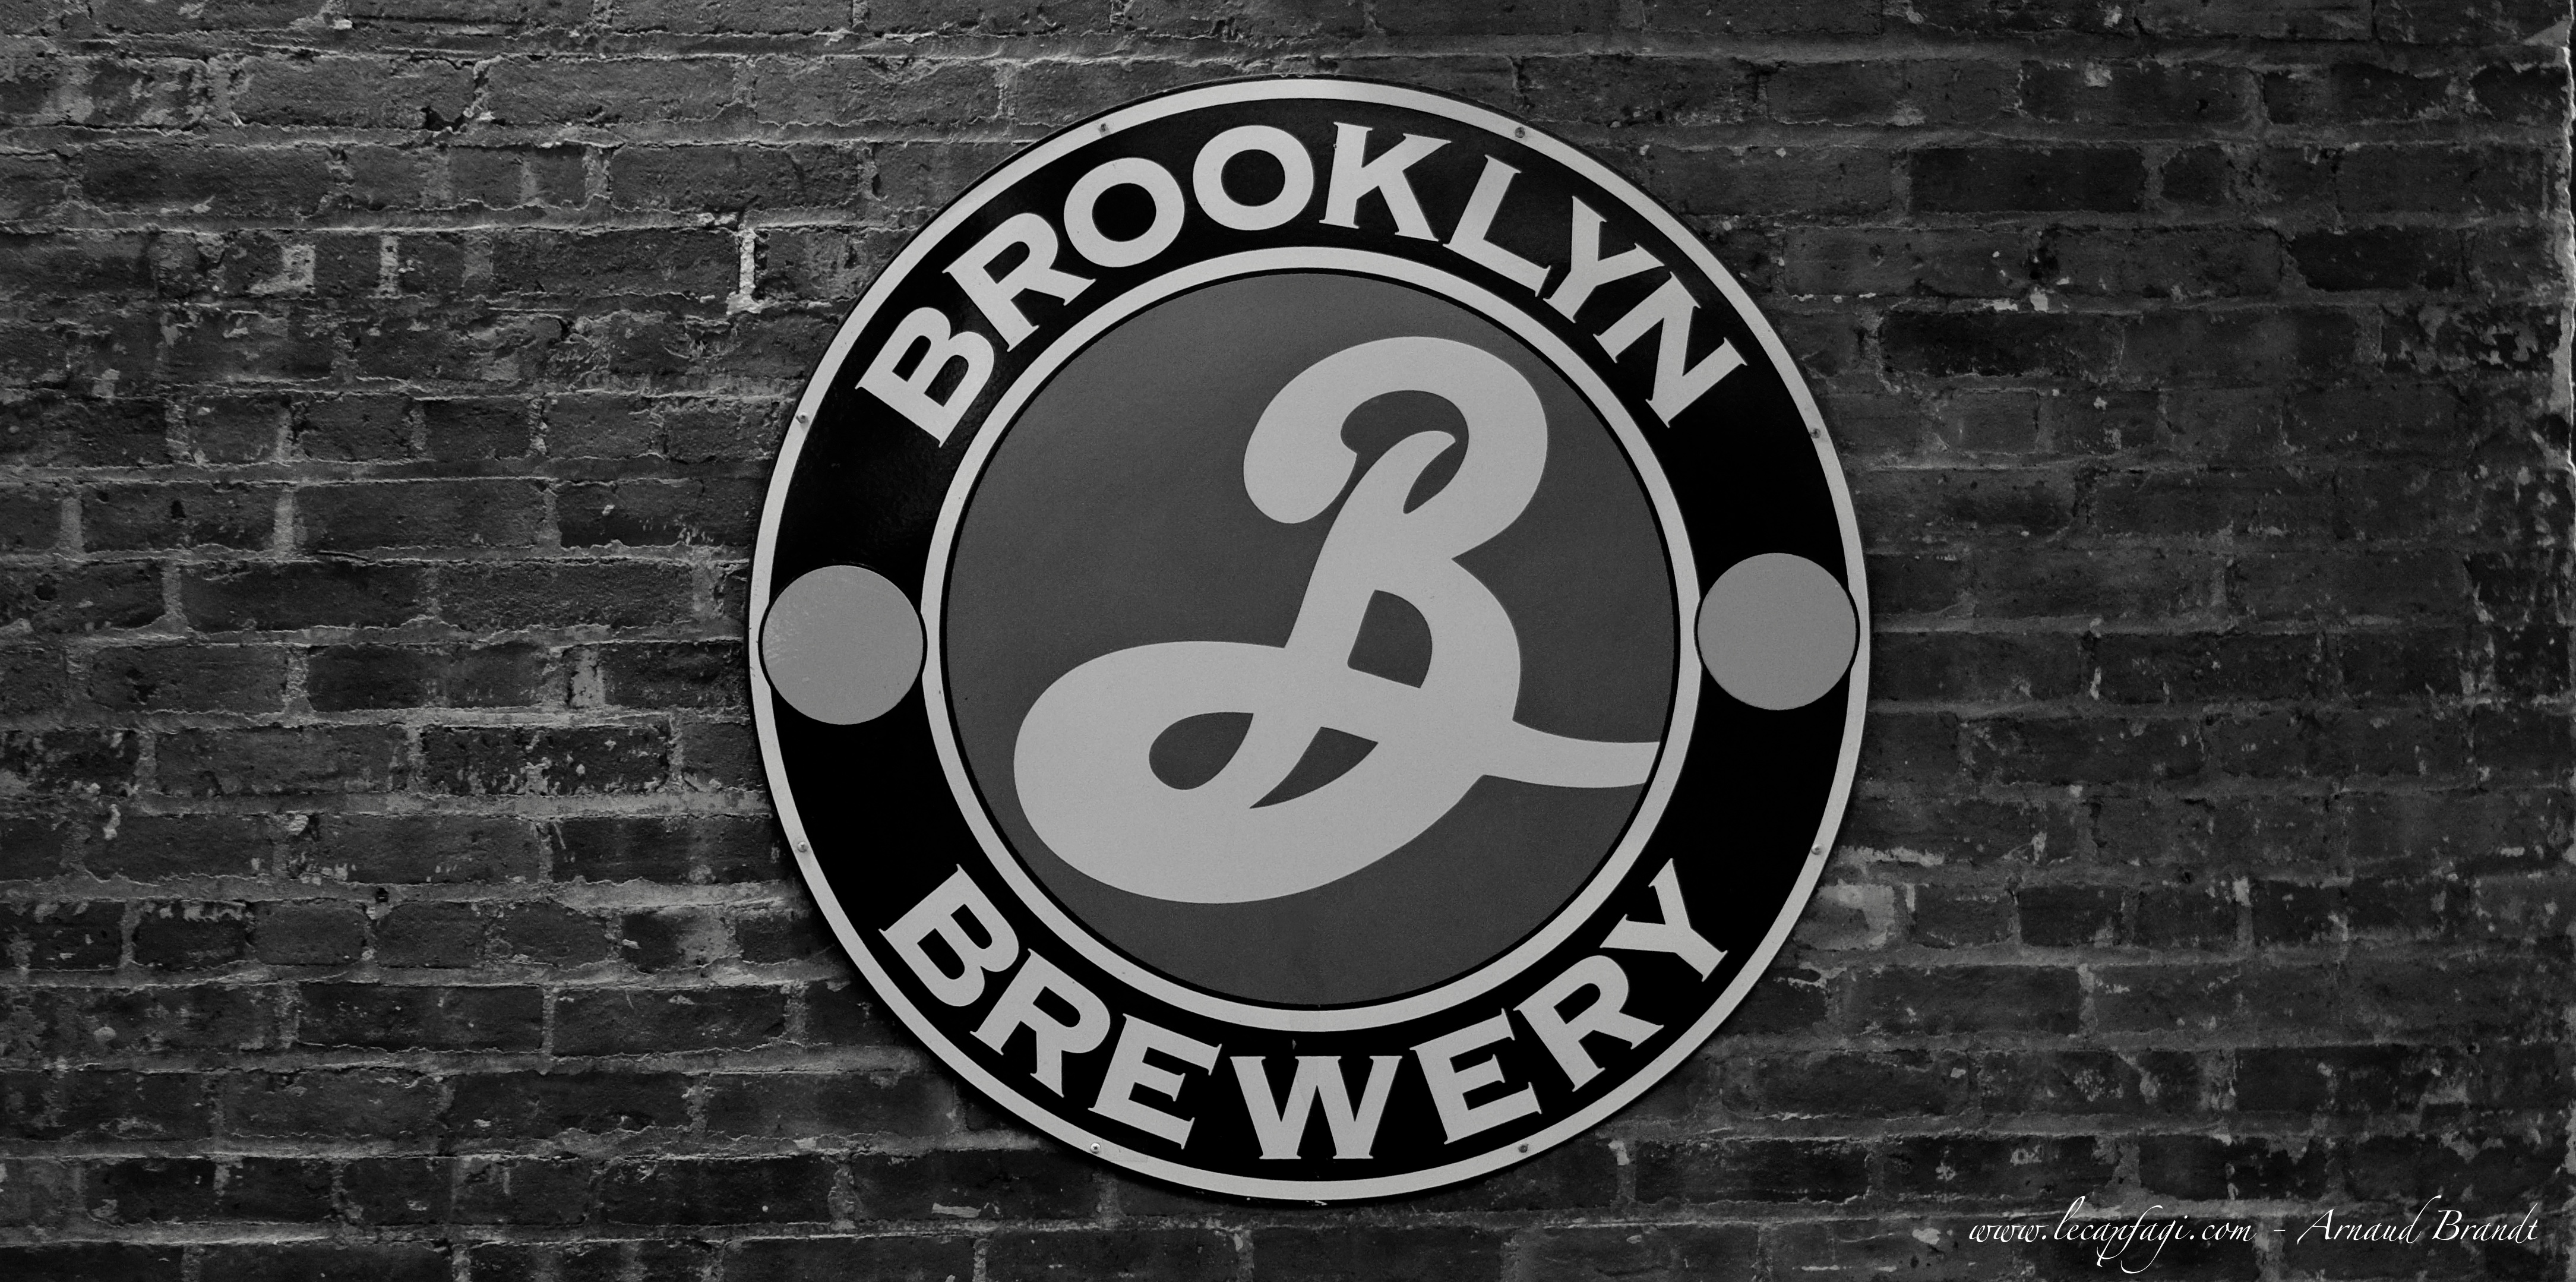 NY - Brooklyn